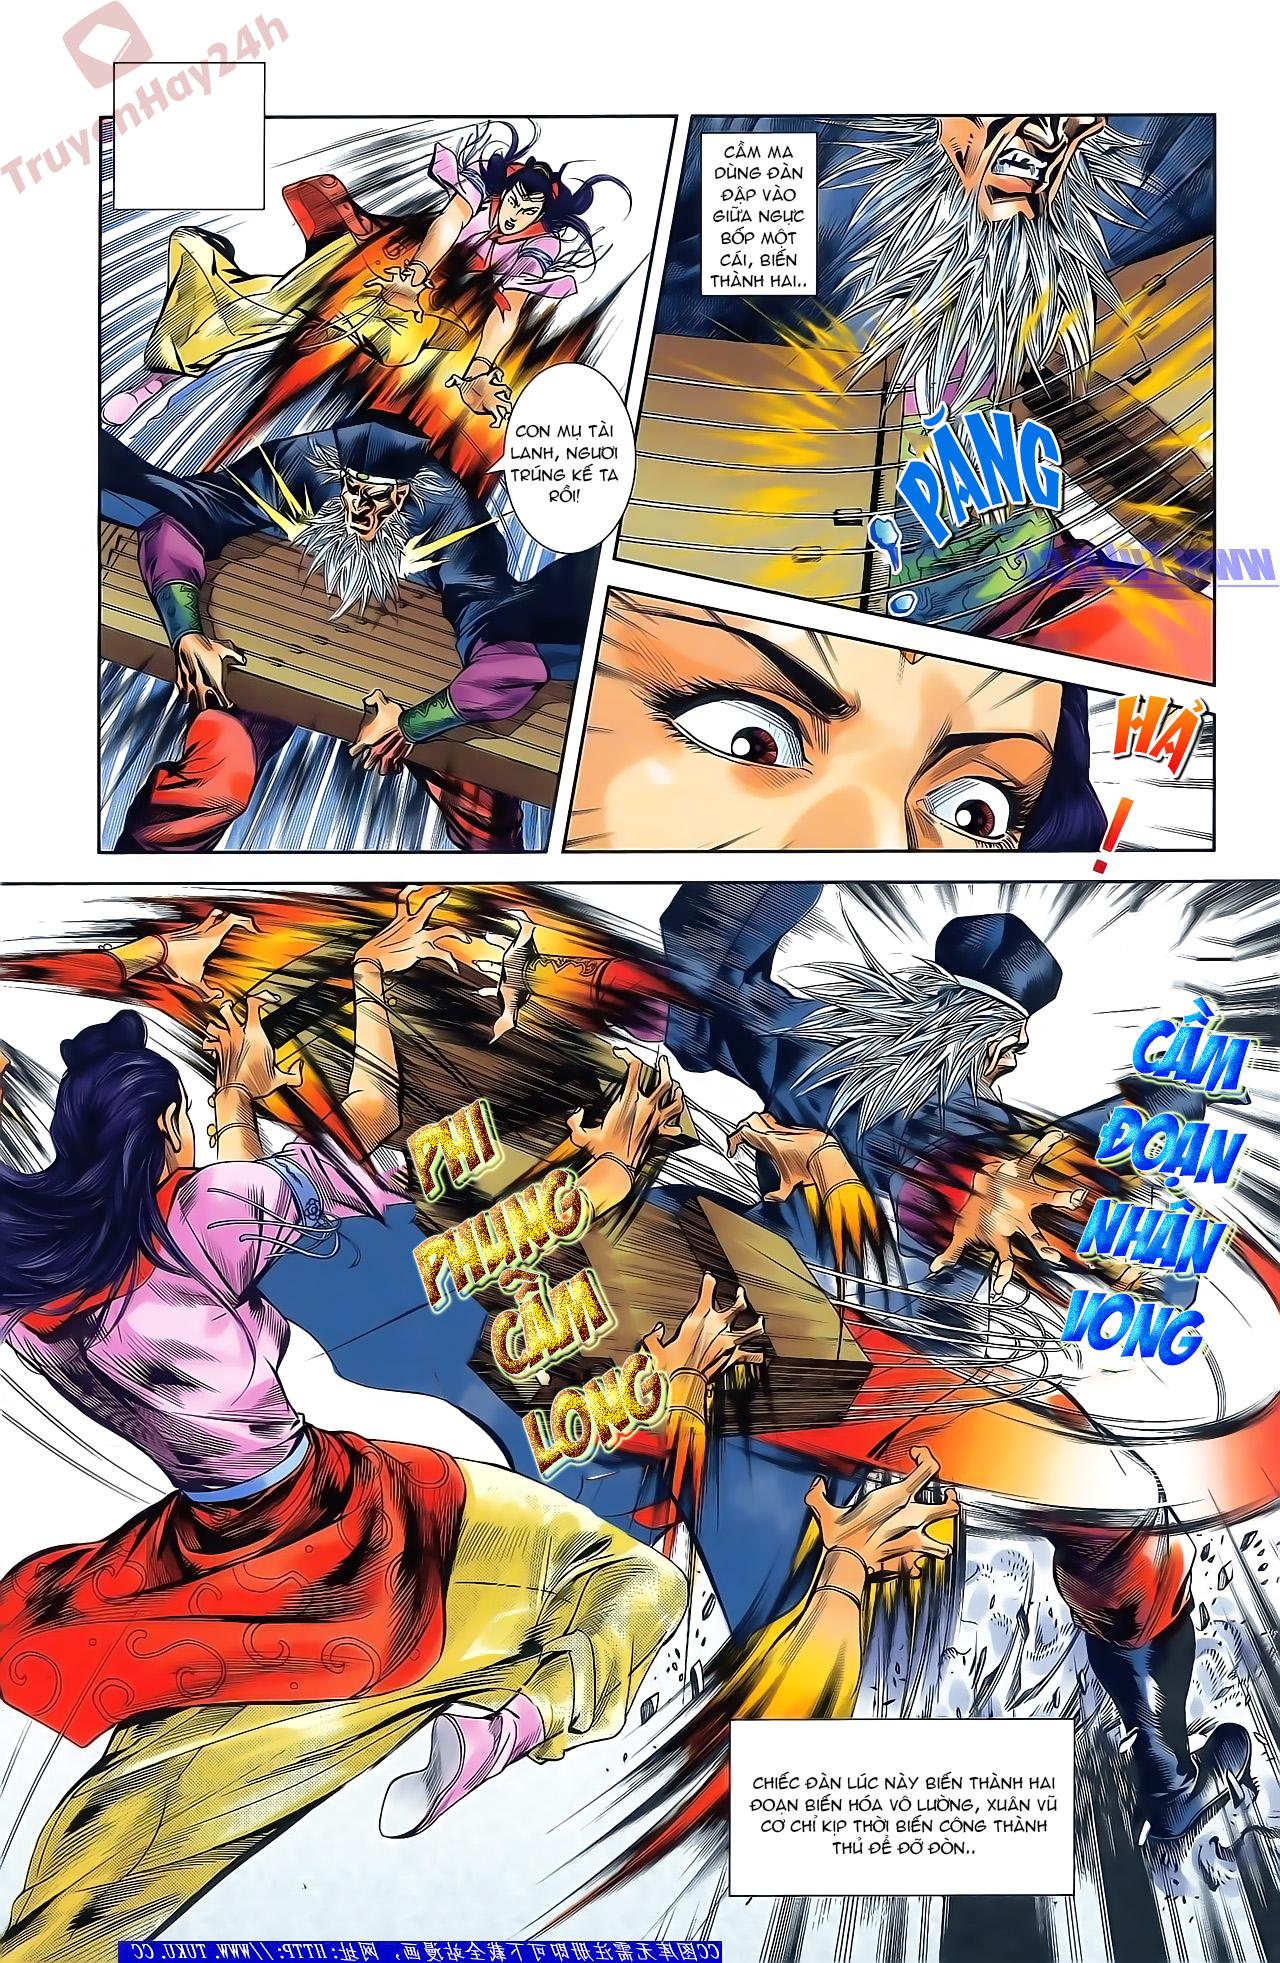 Tần Vương Doanh Chính chapter 46 trang 17